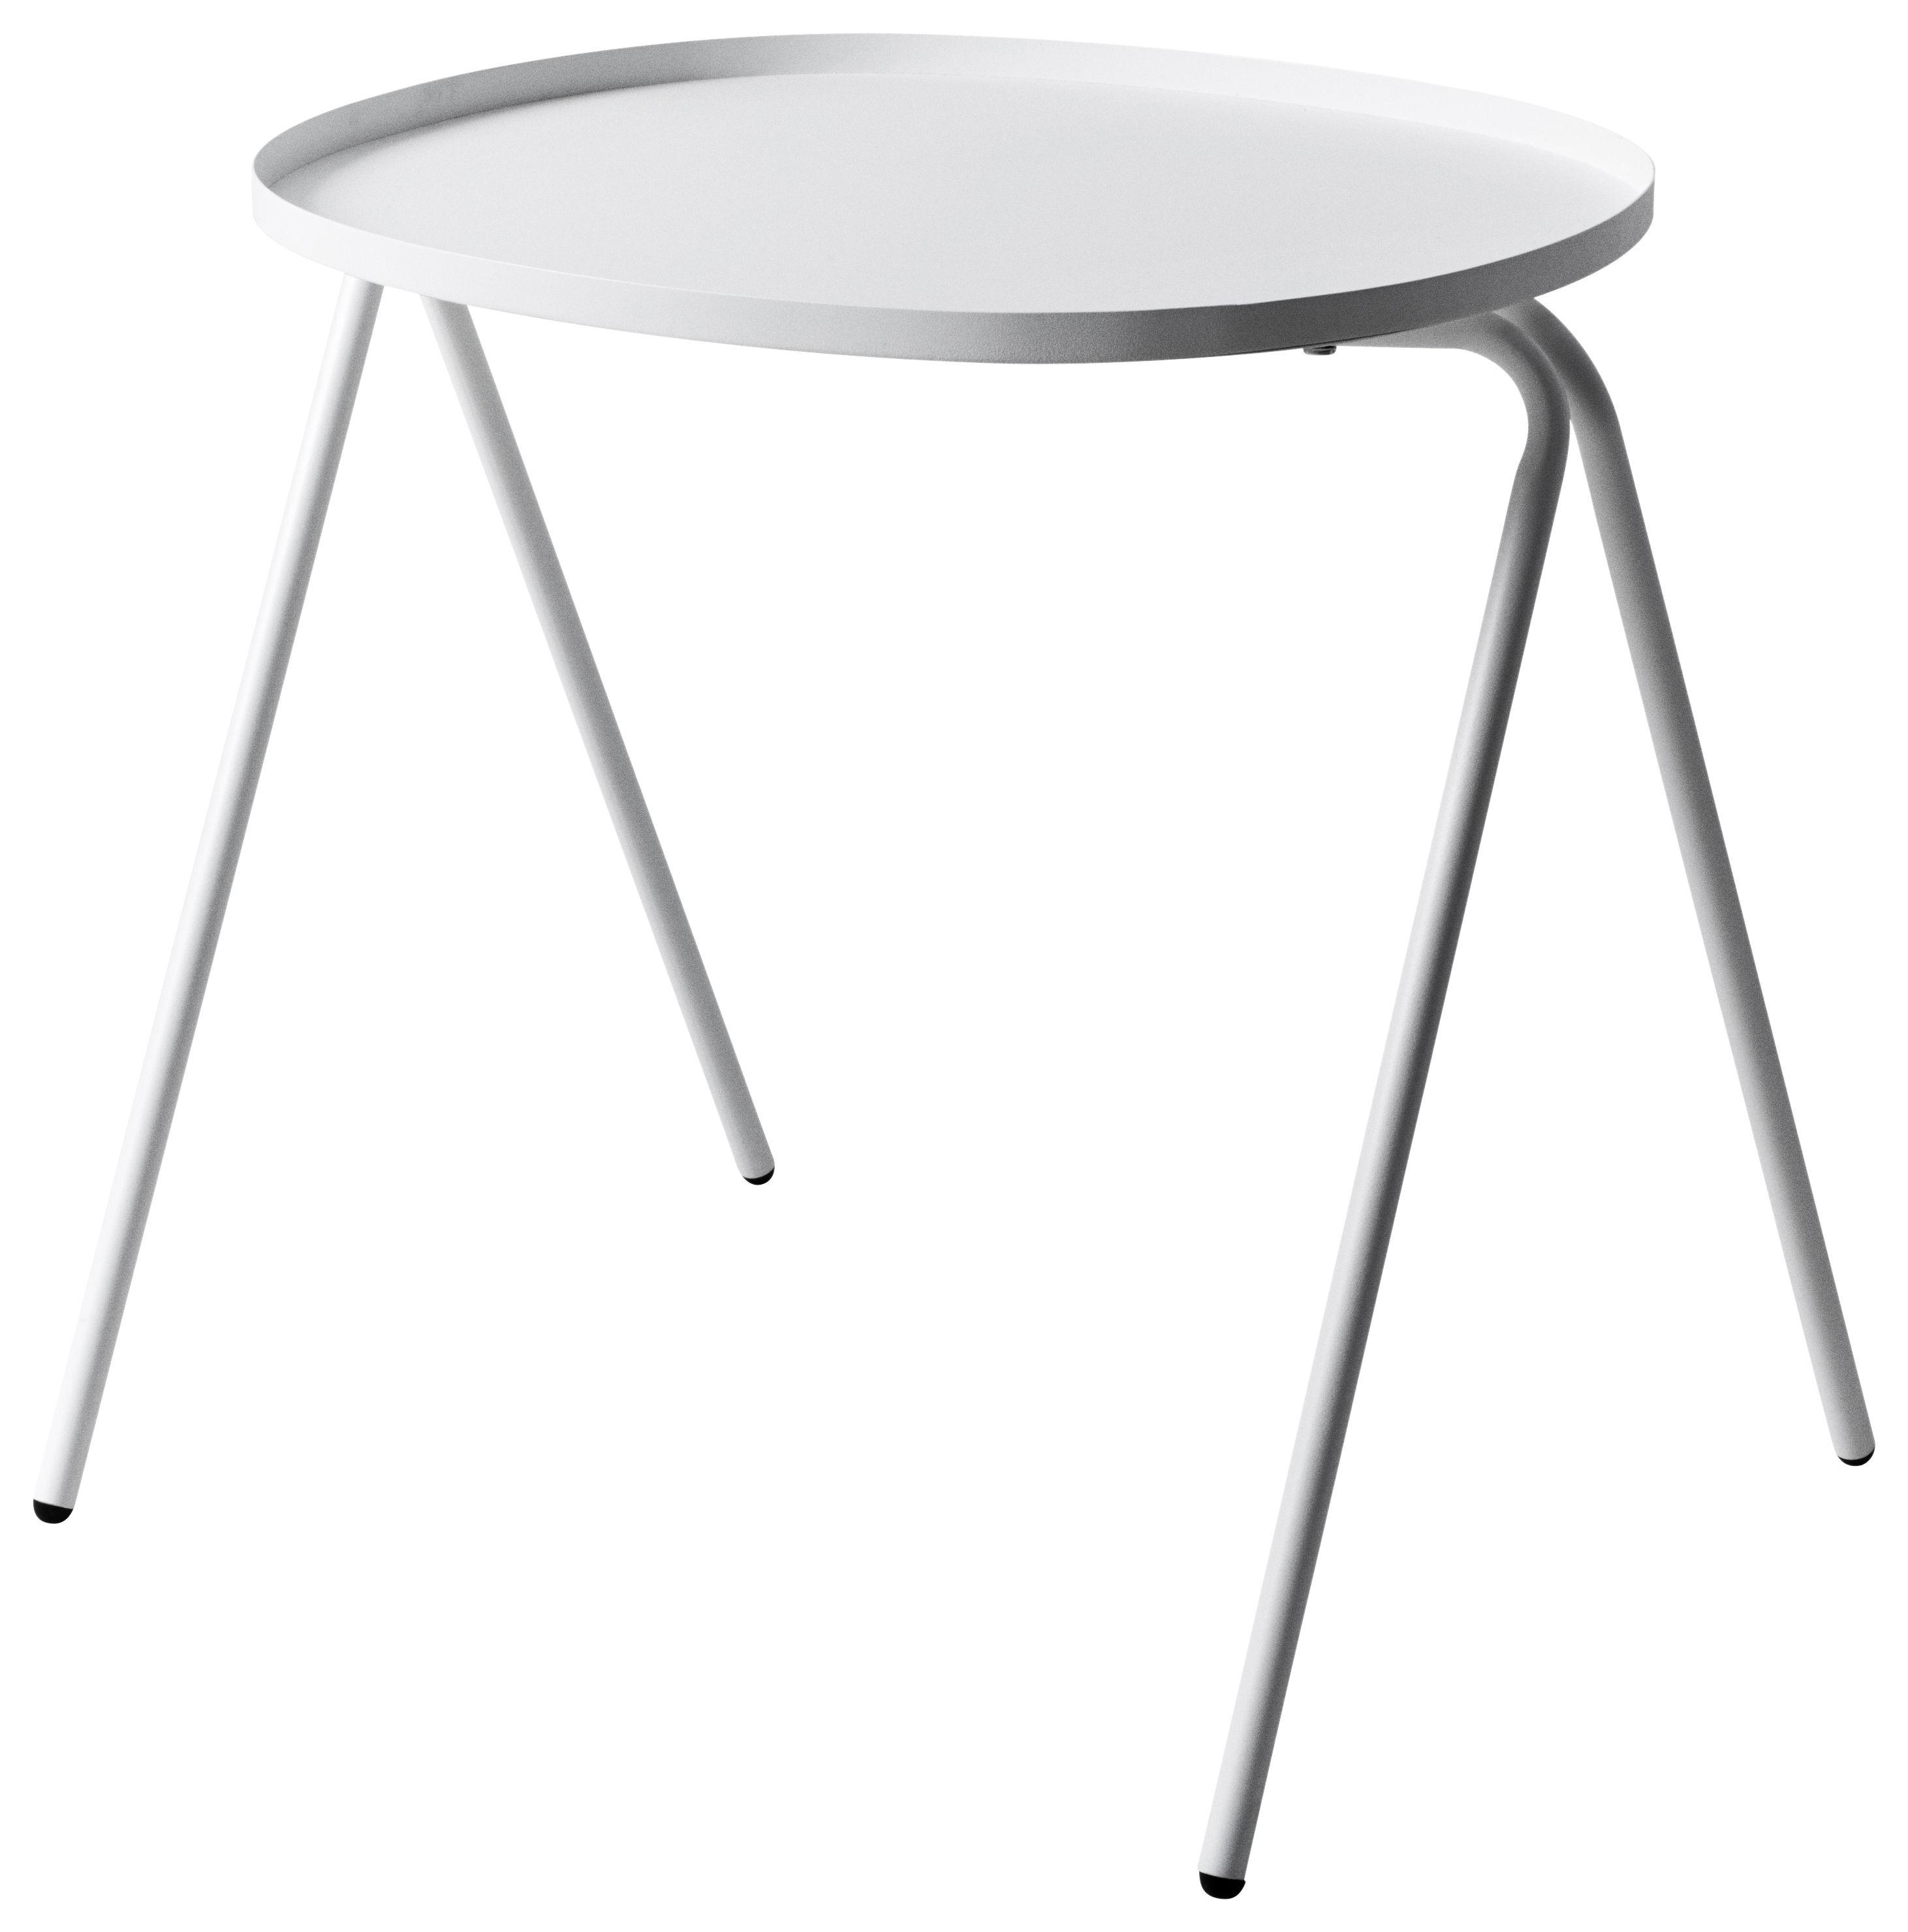 Möbel - Couchtische - Afteroom Beistelltisch - Menu - Weiß - lackierter Stahl